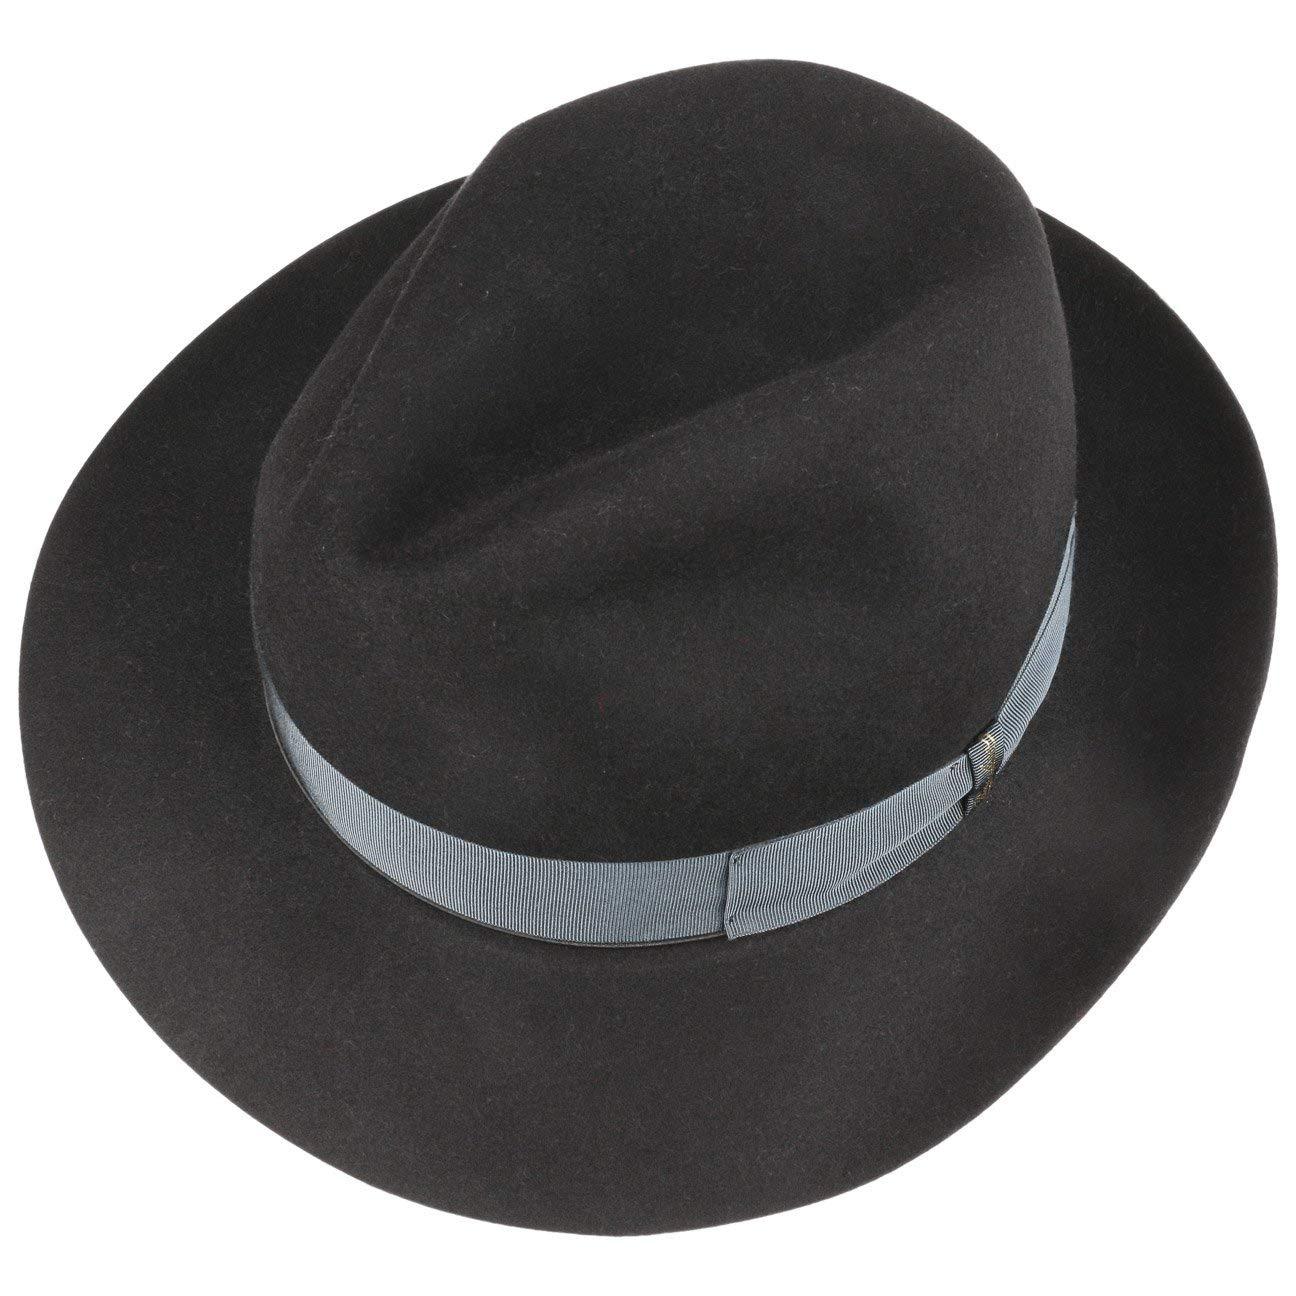 Borsalino Sombrero Fedora 50 Gramos by Sombreros de fieltrosombrero Hombre  Fieltro  Amazon.es  Ropa y accesorios 3ae82a7fa4d